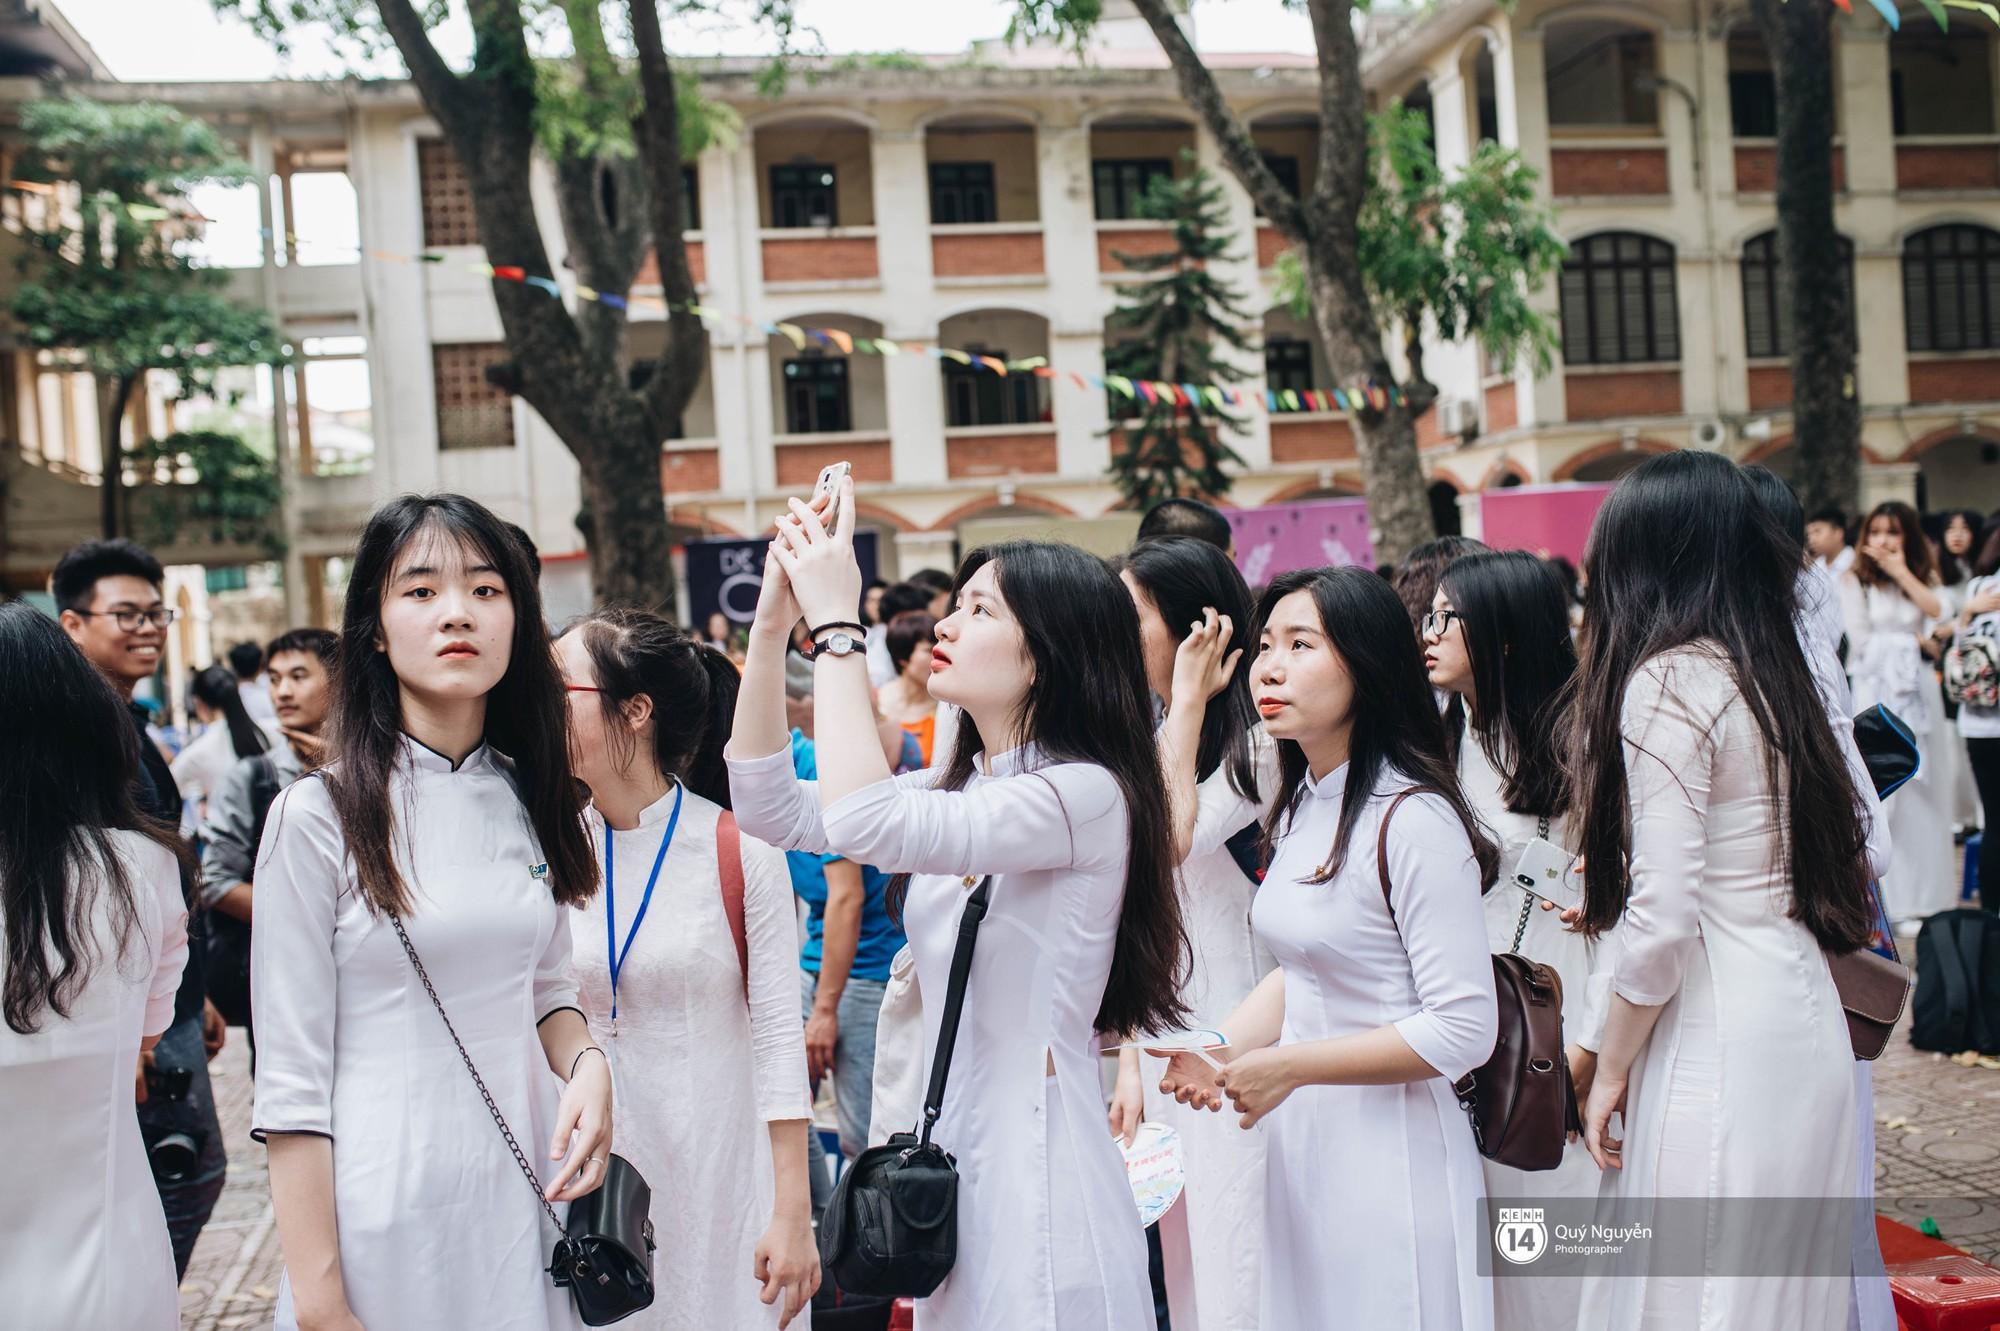 Đặc sản lễ bế giảng trường Phan Đình Phùng: Cả một trời trai xinh gái đẹp - Ảnh 17.